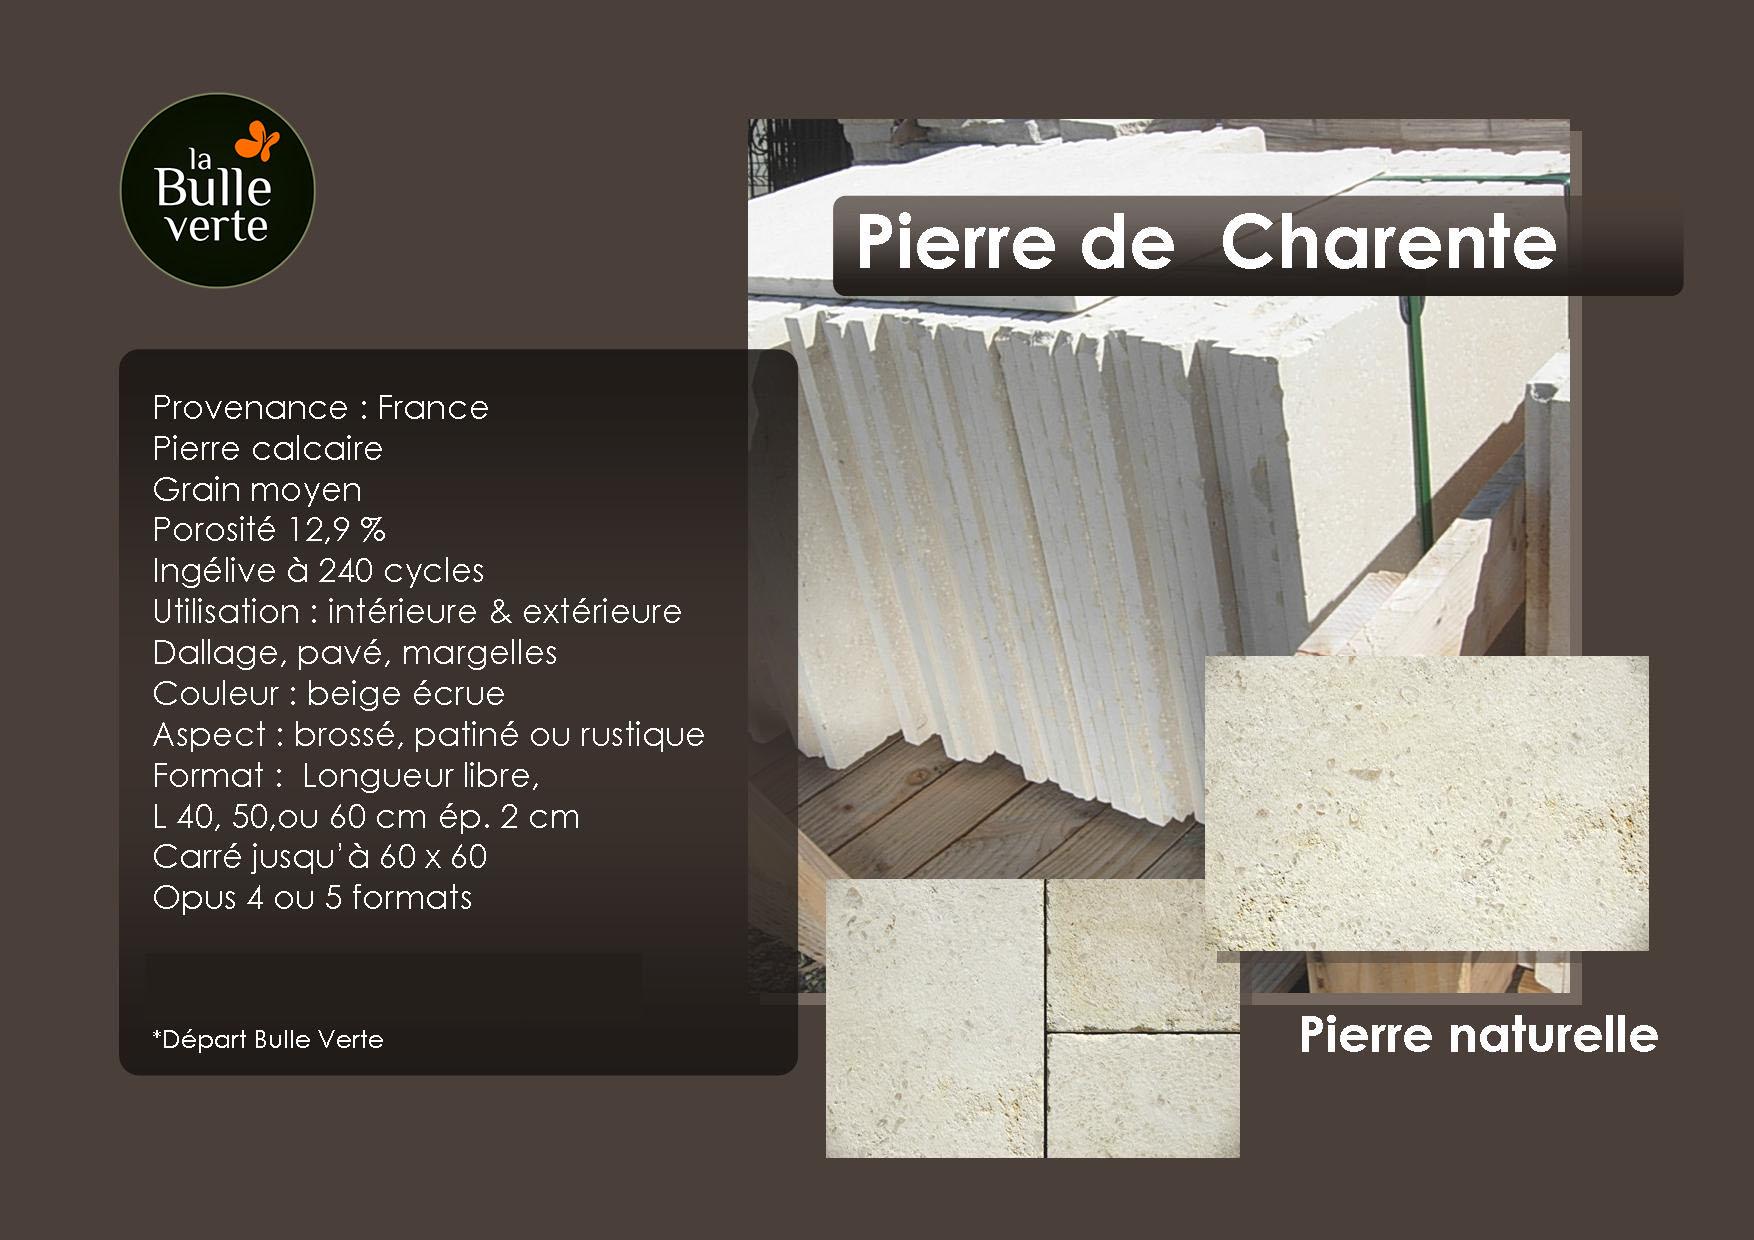 Pierre de Charente - pierre naturelle - La Bulle Verte